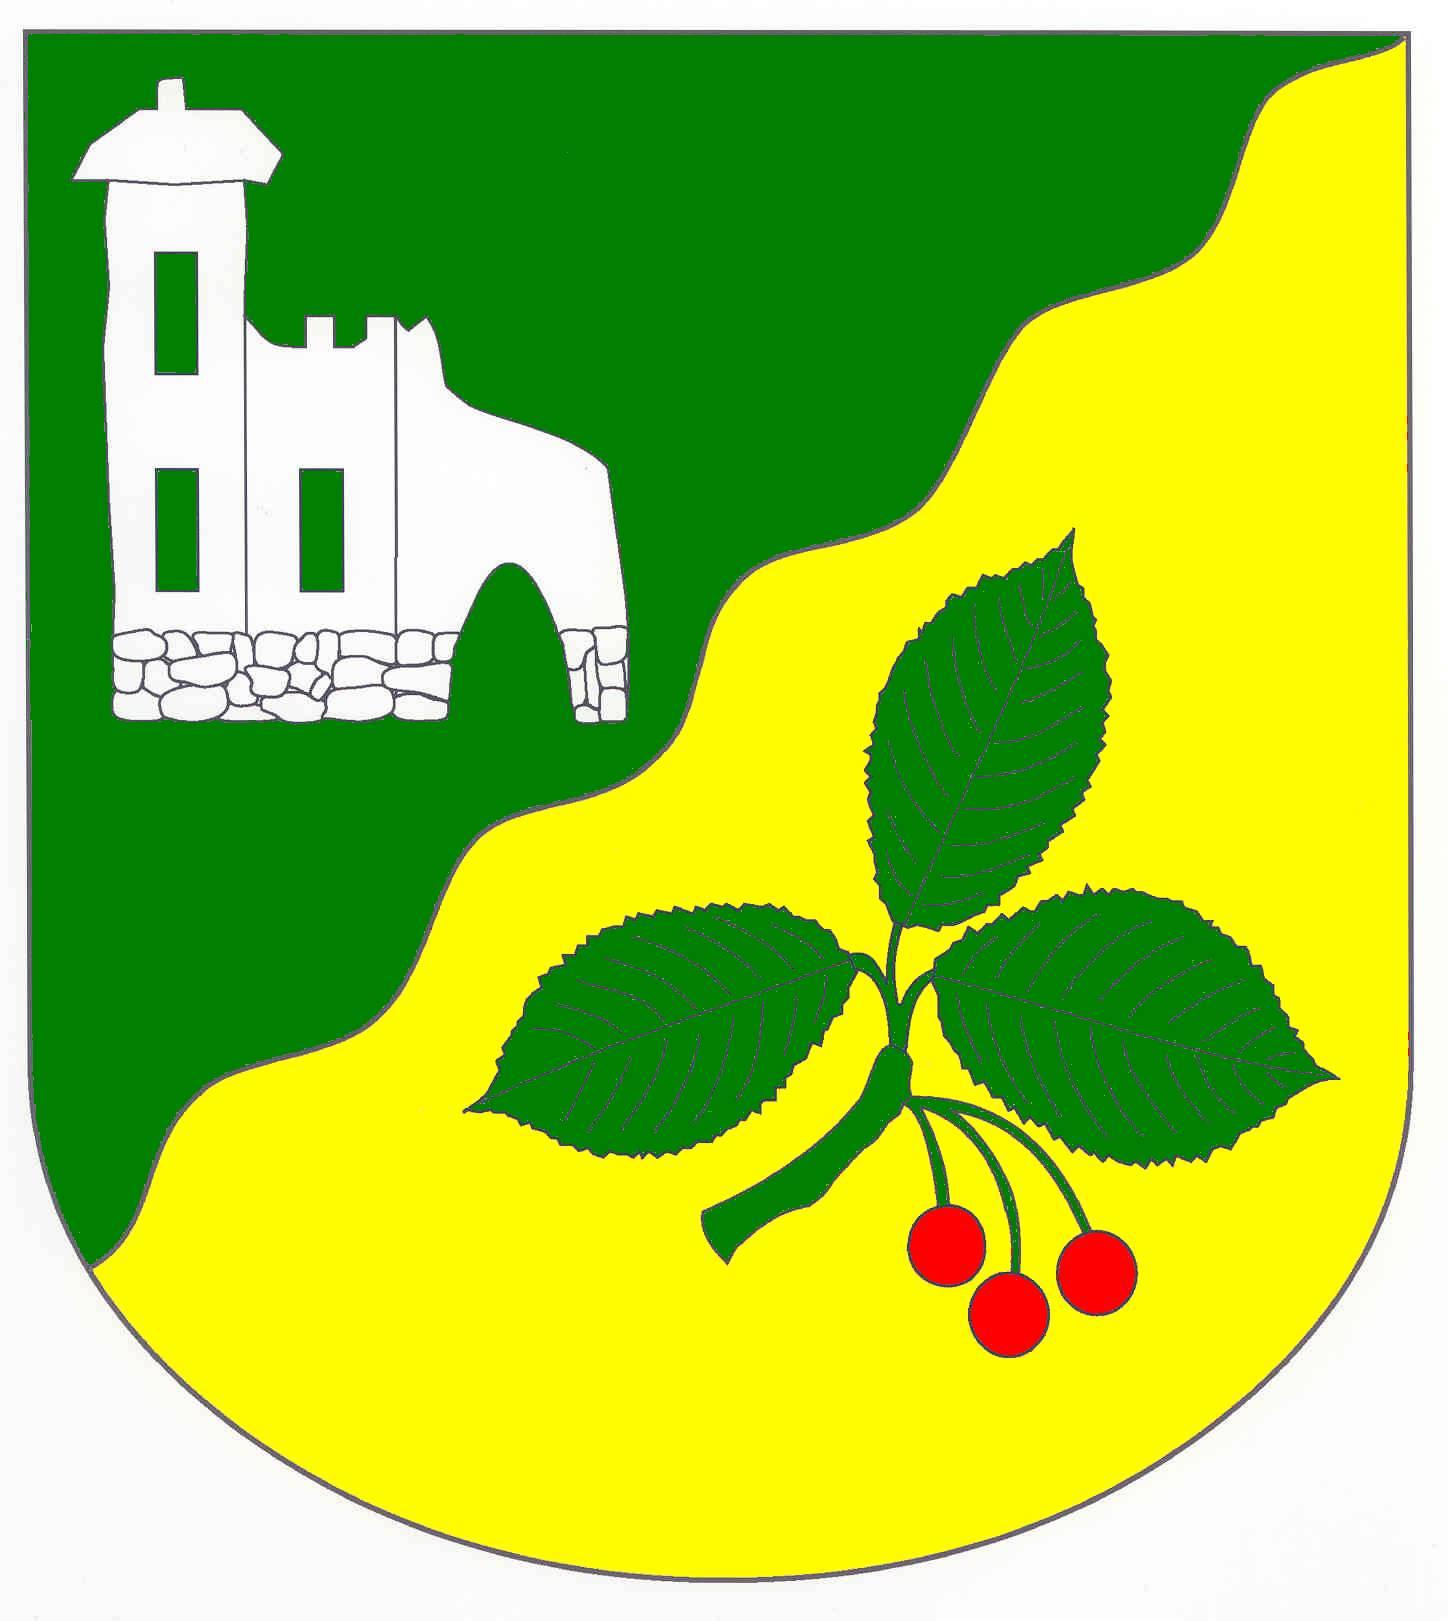 Wappen GemeindeKasseburg, Kreis Herzogtum Lauenburg